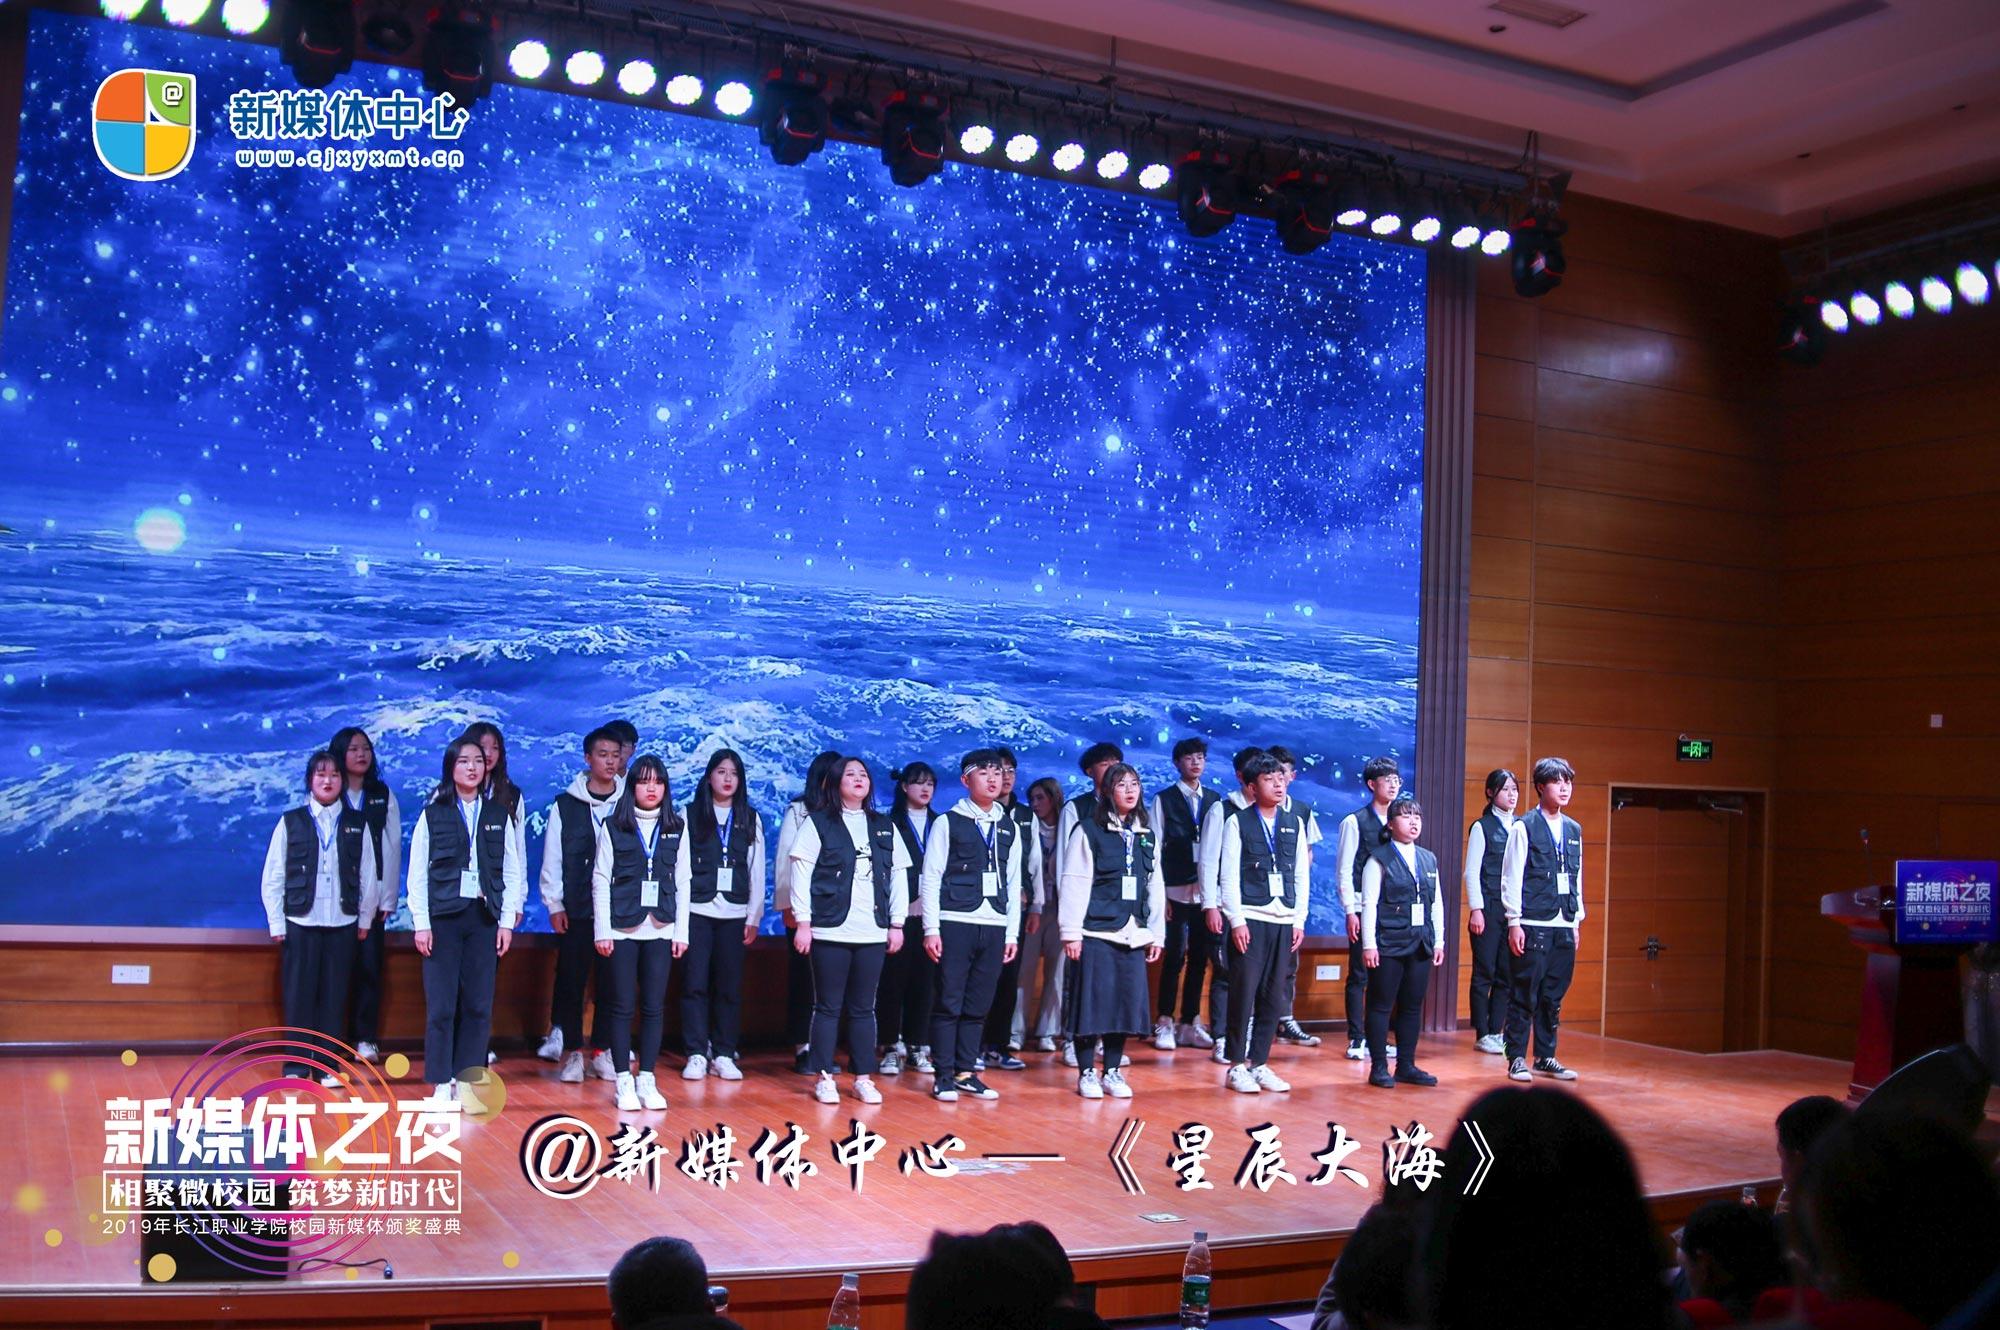 流程30  大合唱 星辰大海